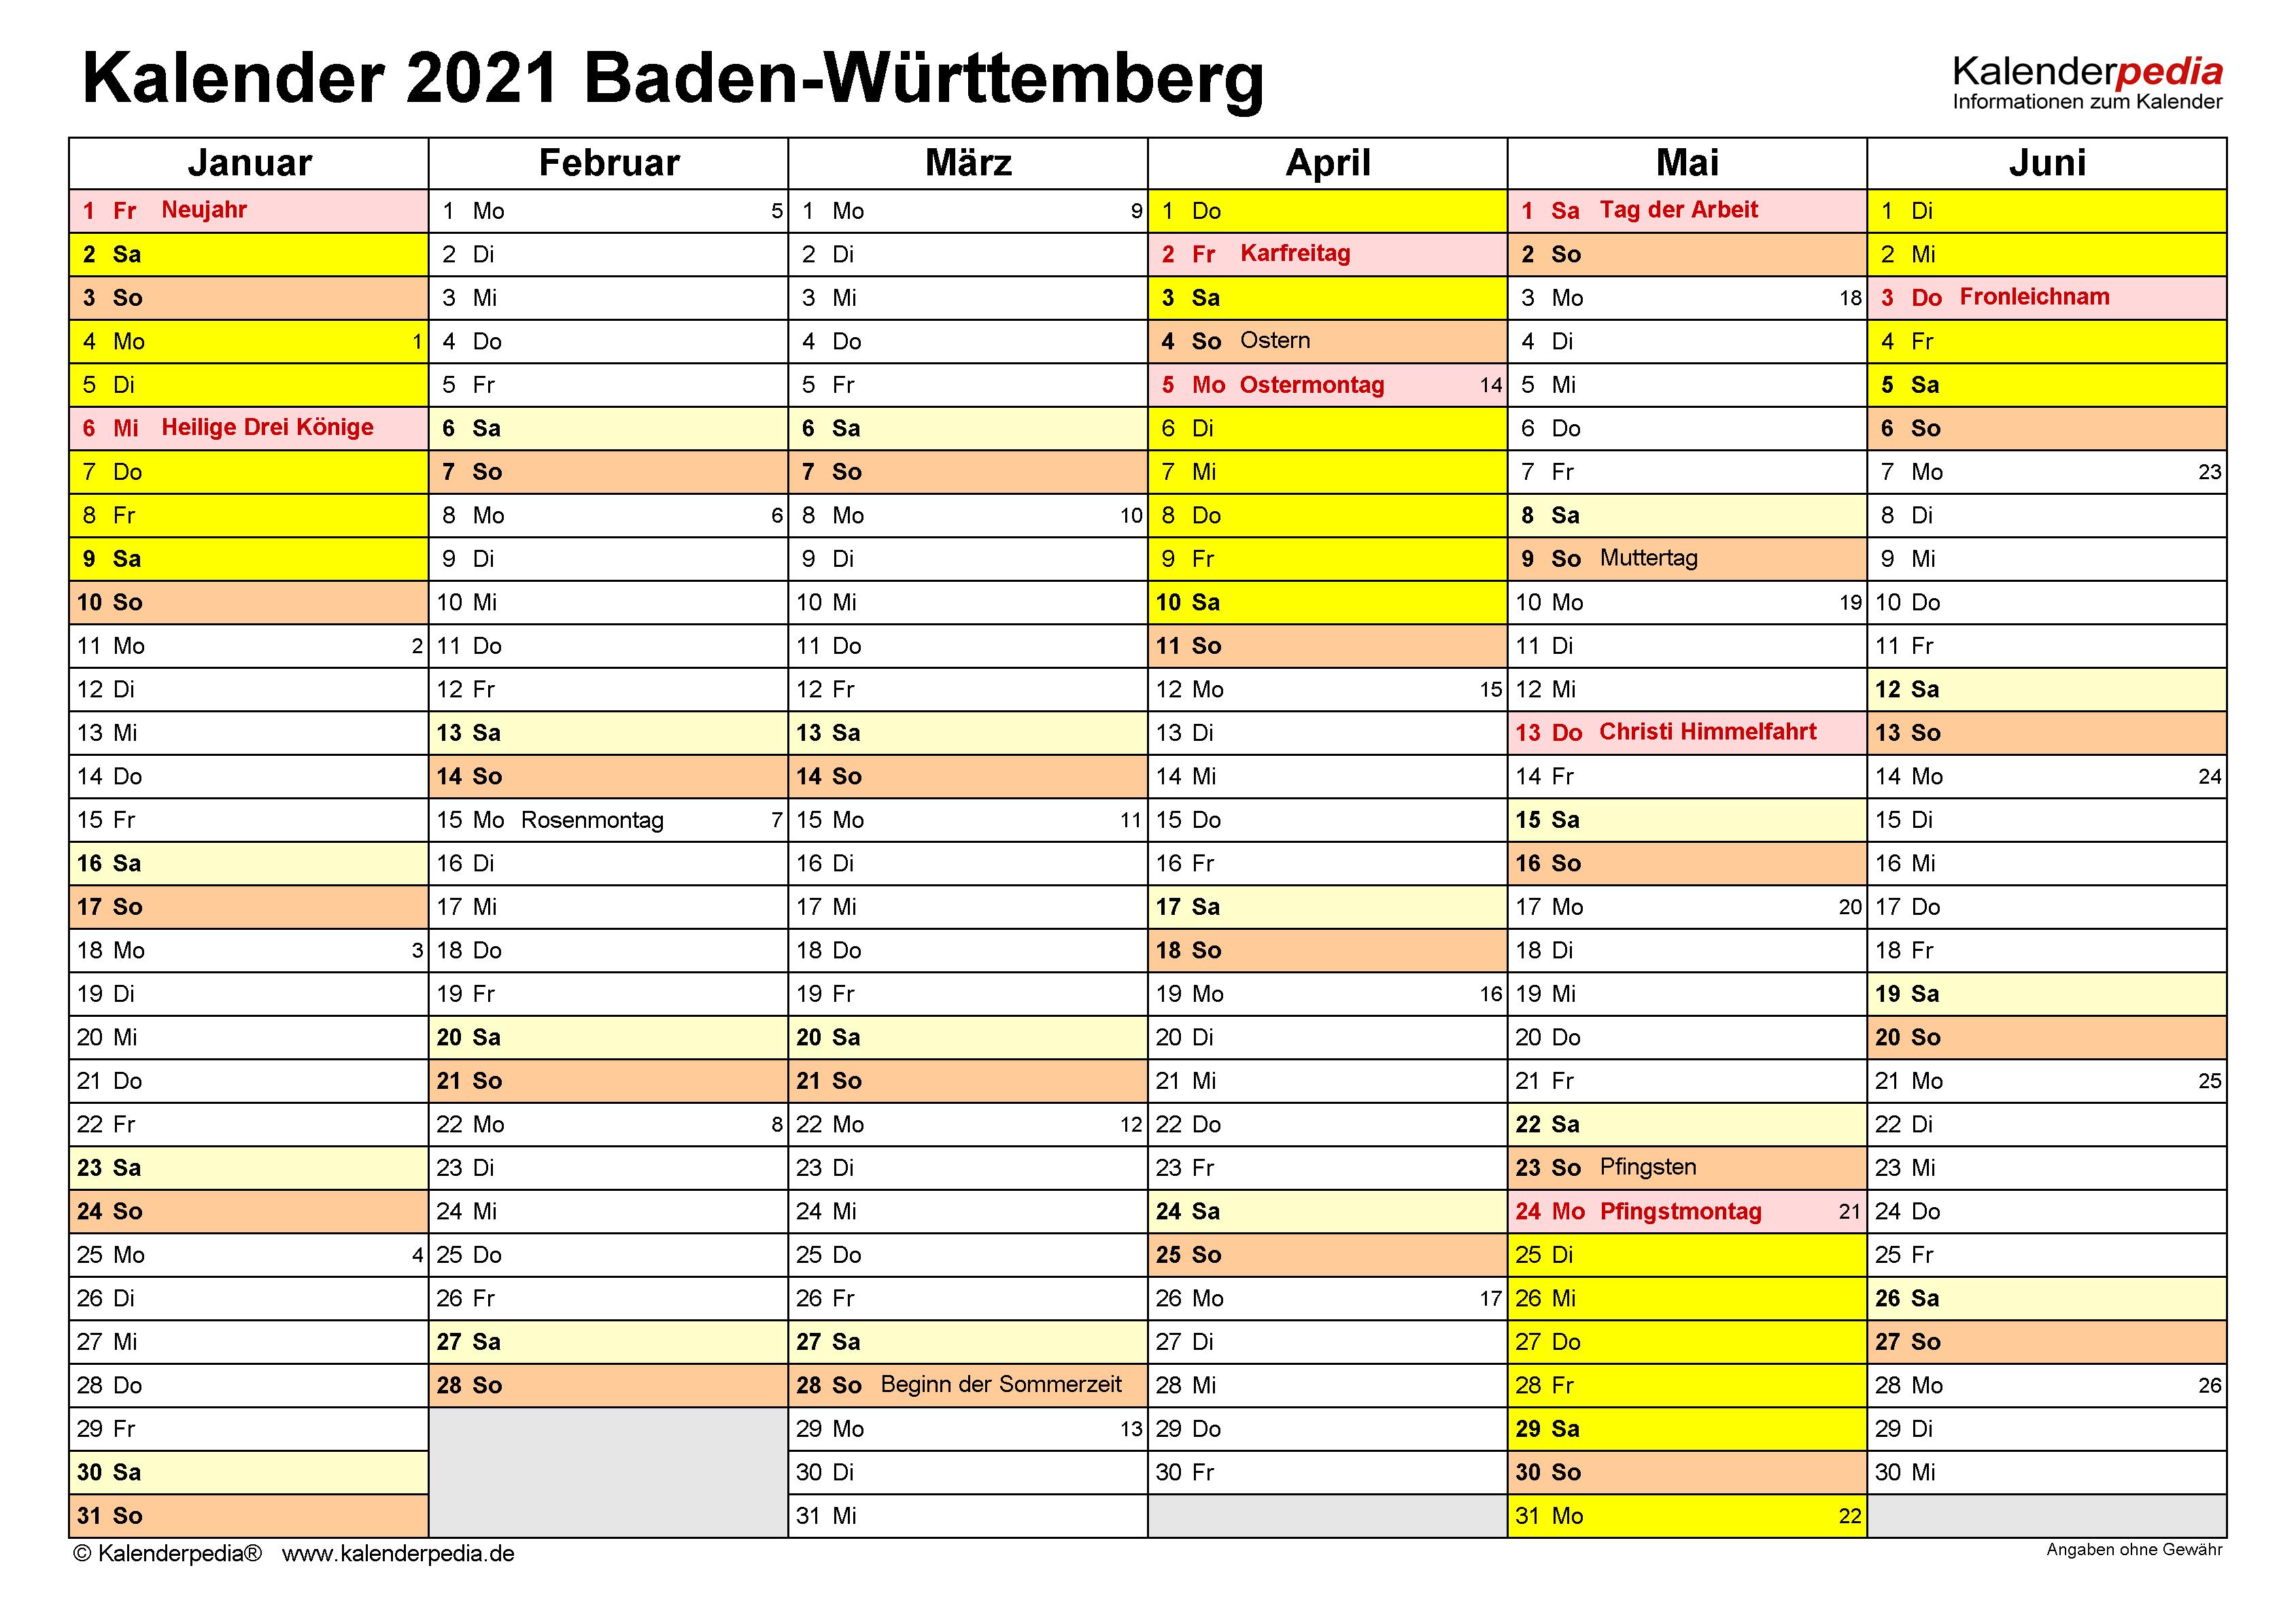 Kalender 2021 Baden Württemberg: Ferien, Feiertage, Excel Vorlagen